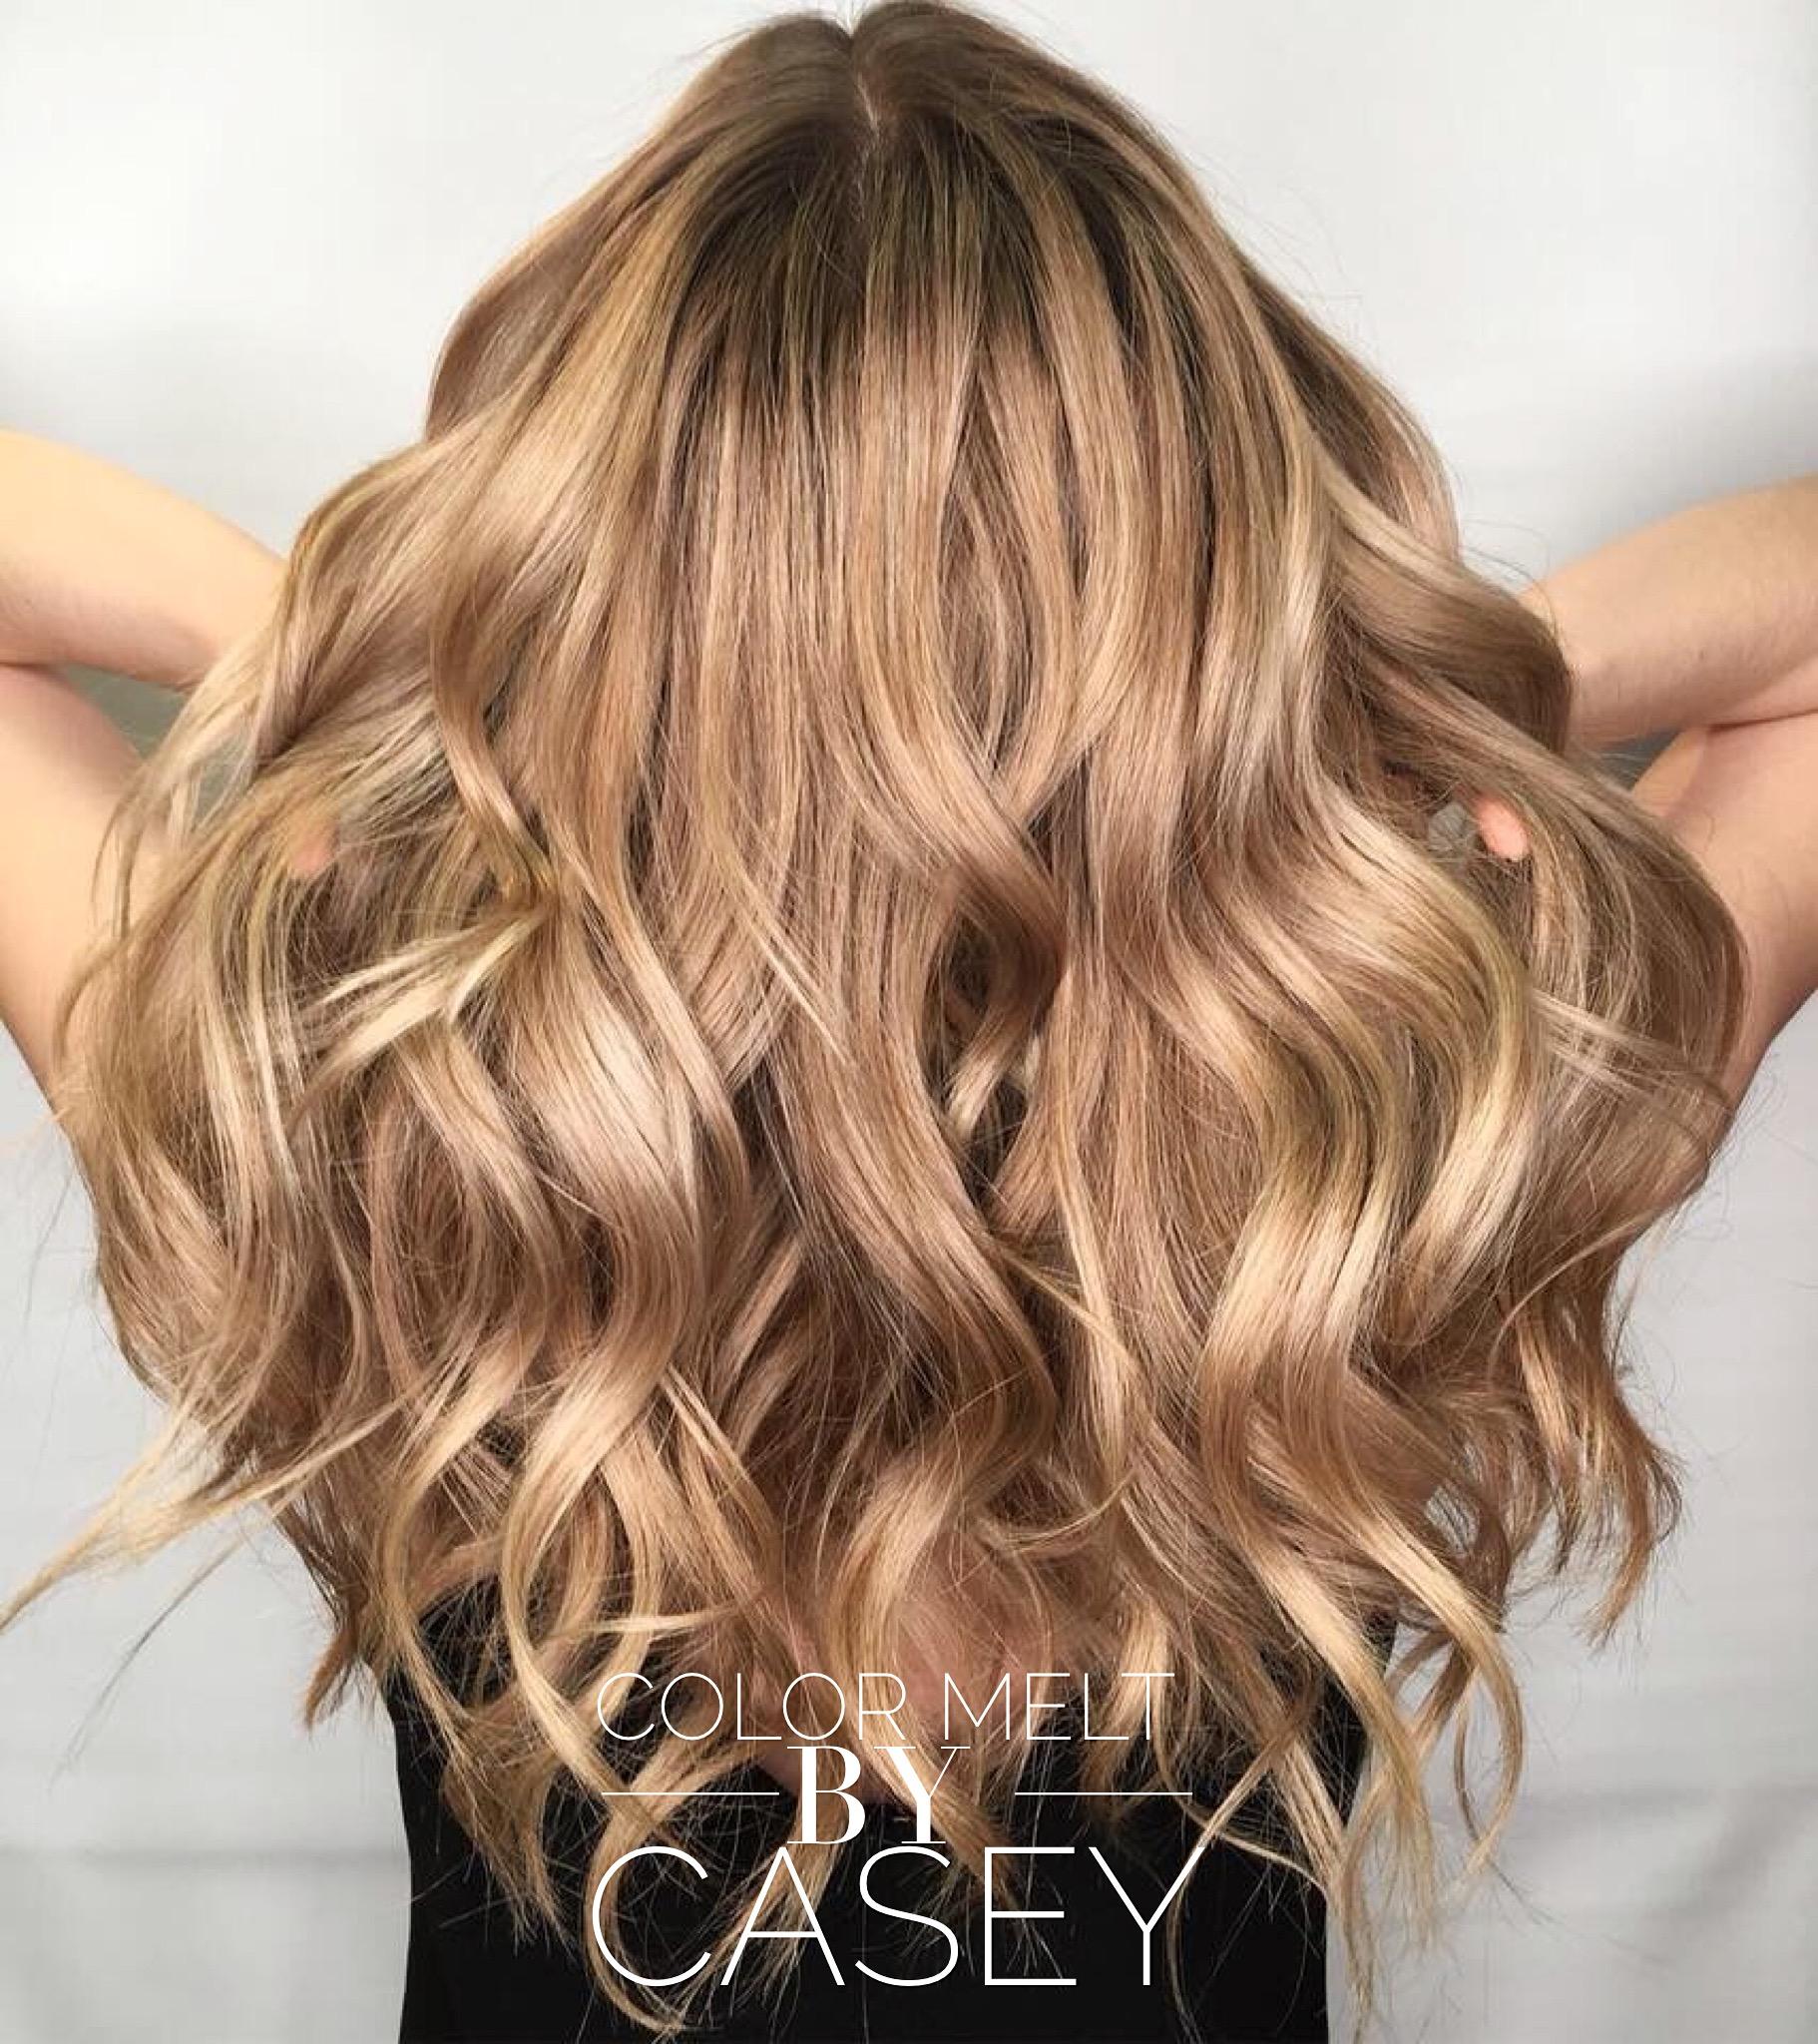 Color melt hair by casey at hairstyle inn saskatoon